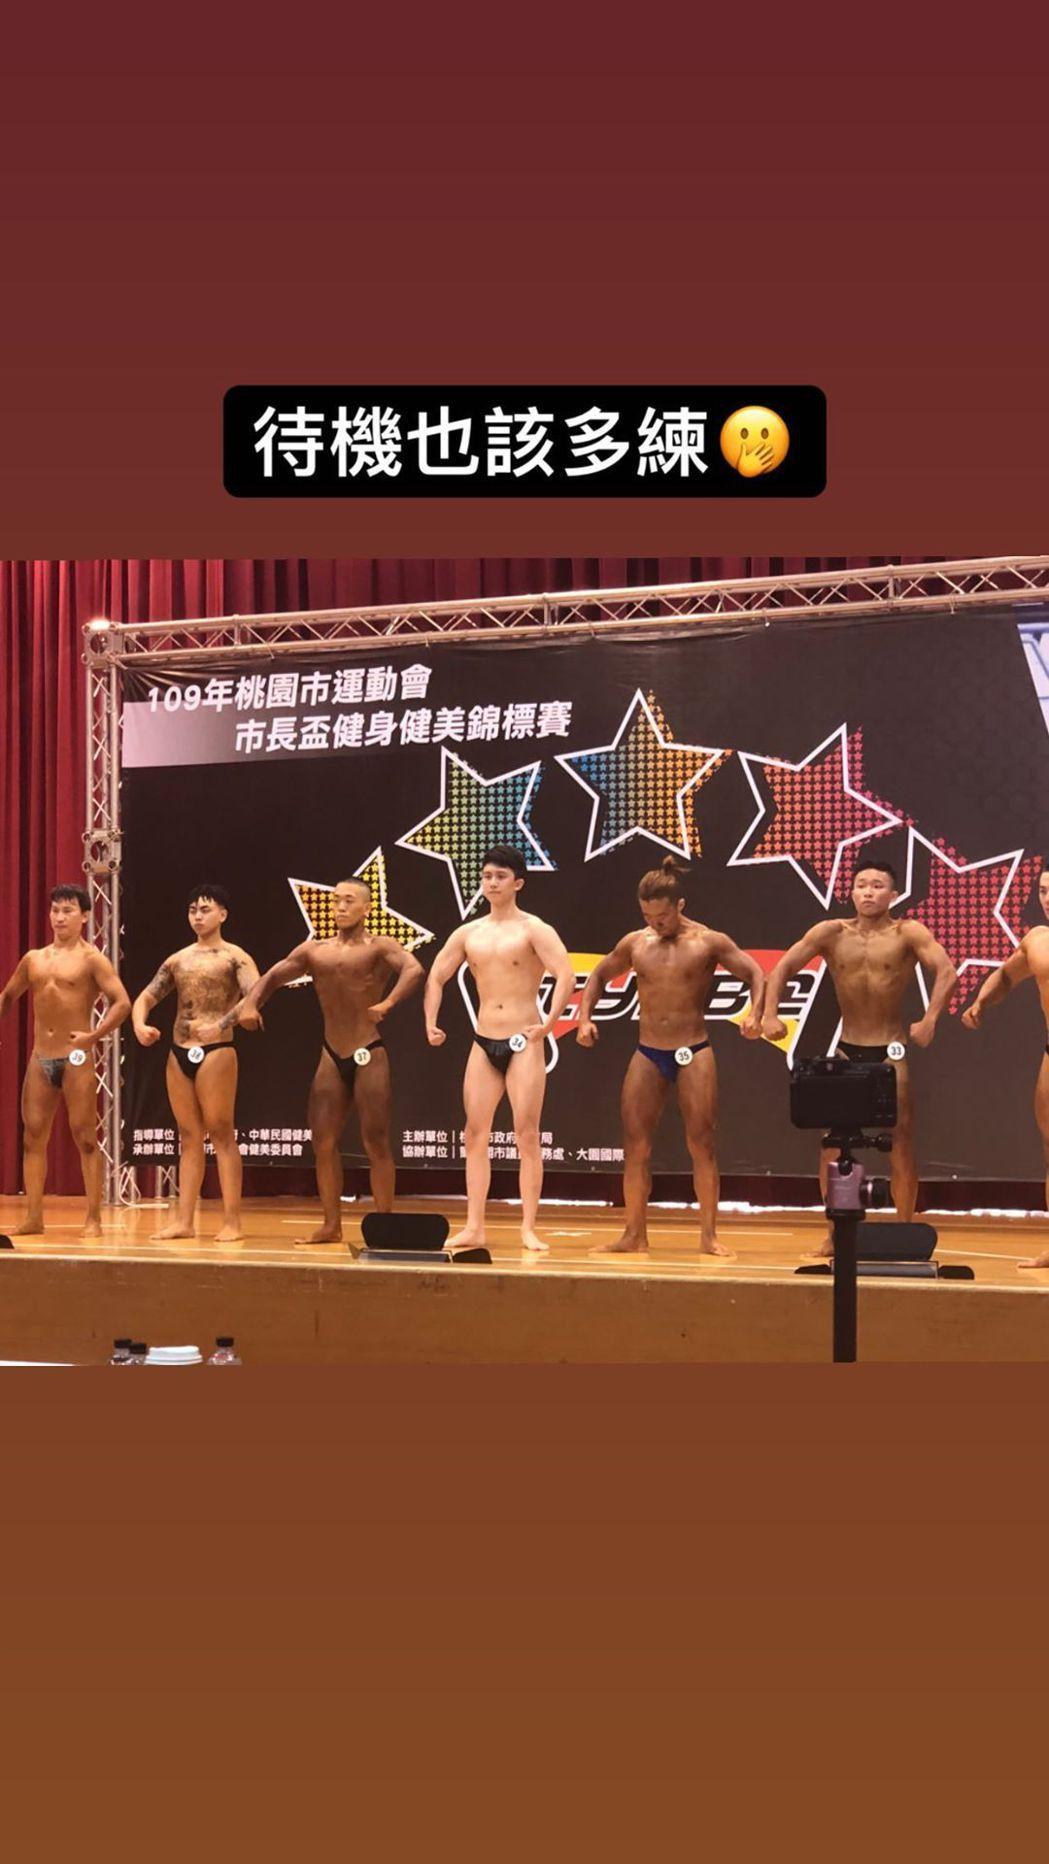 孫安佐參加健美比賽,超白膚色很顯眼。 圖/擷自孫安佐IG